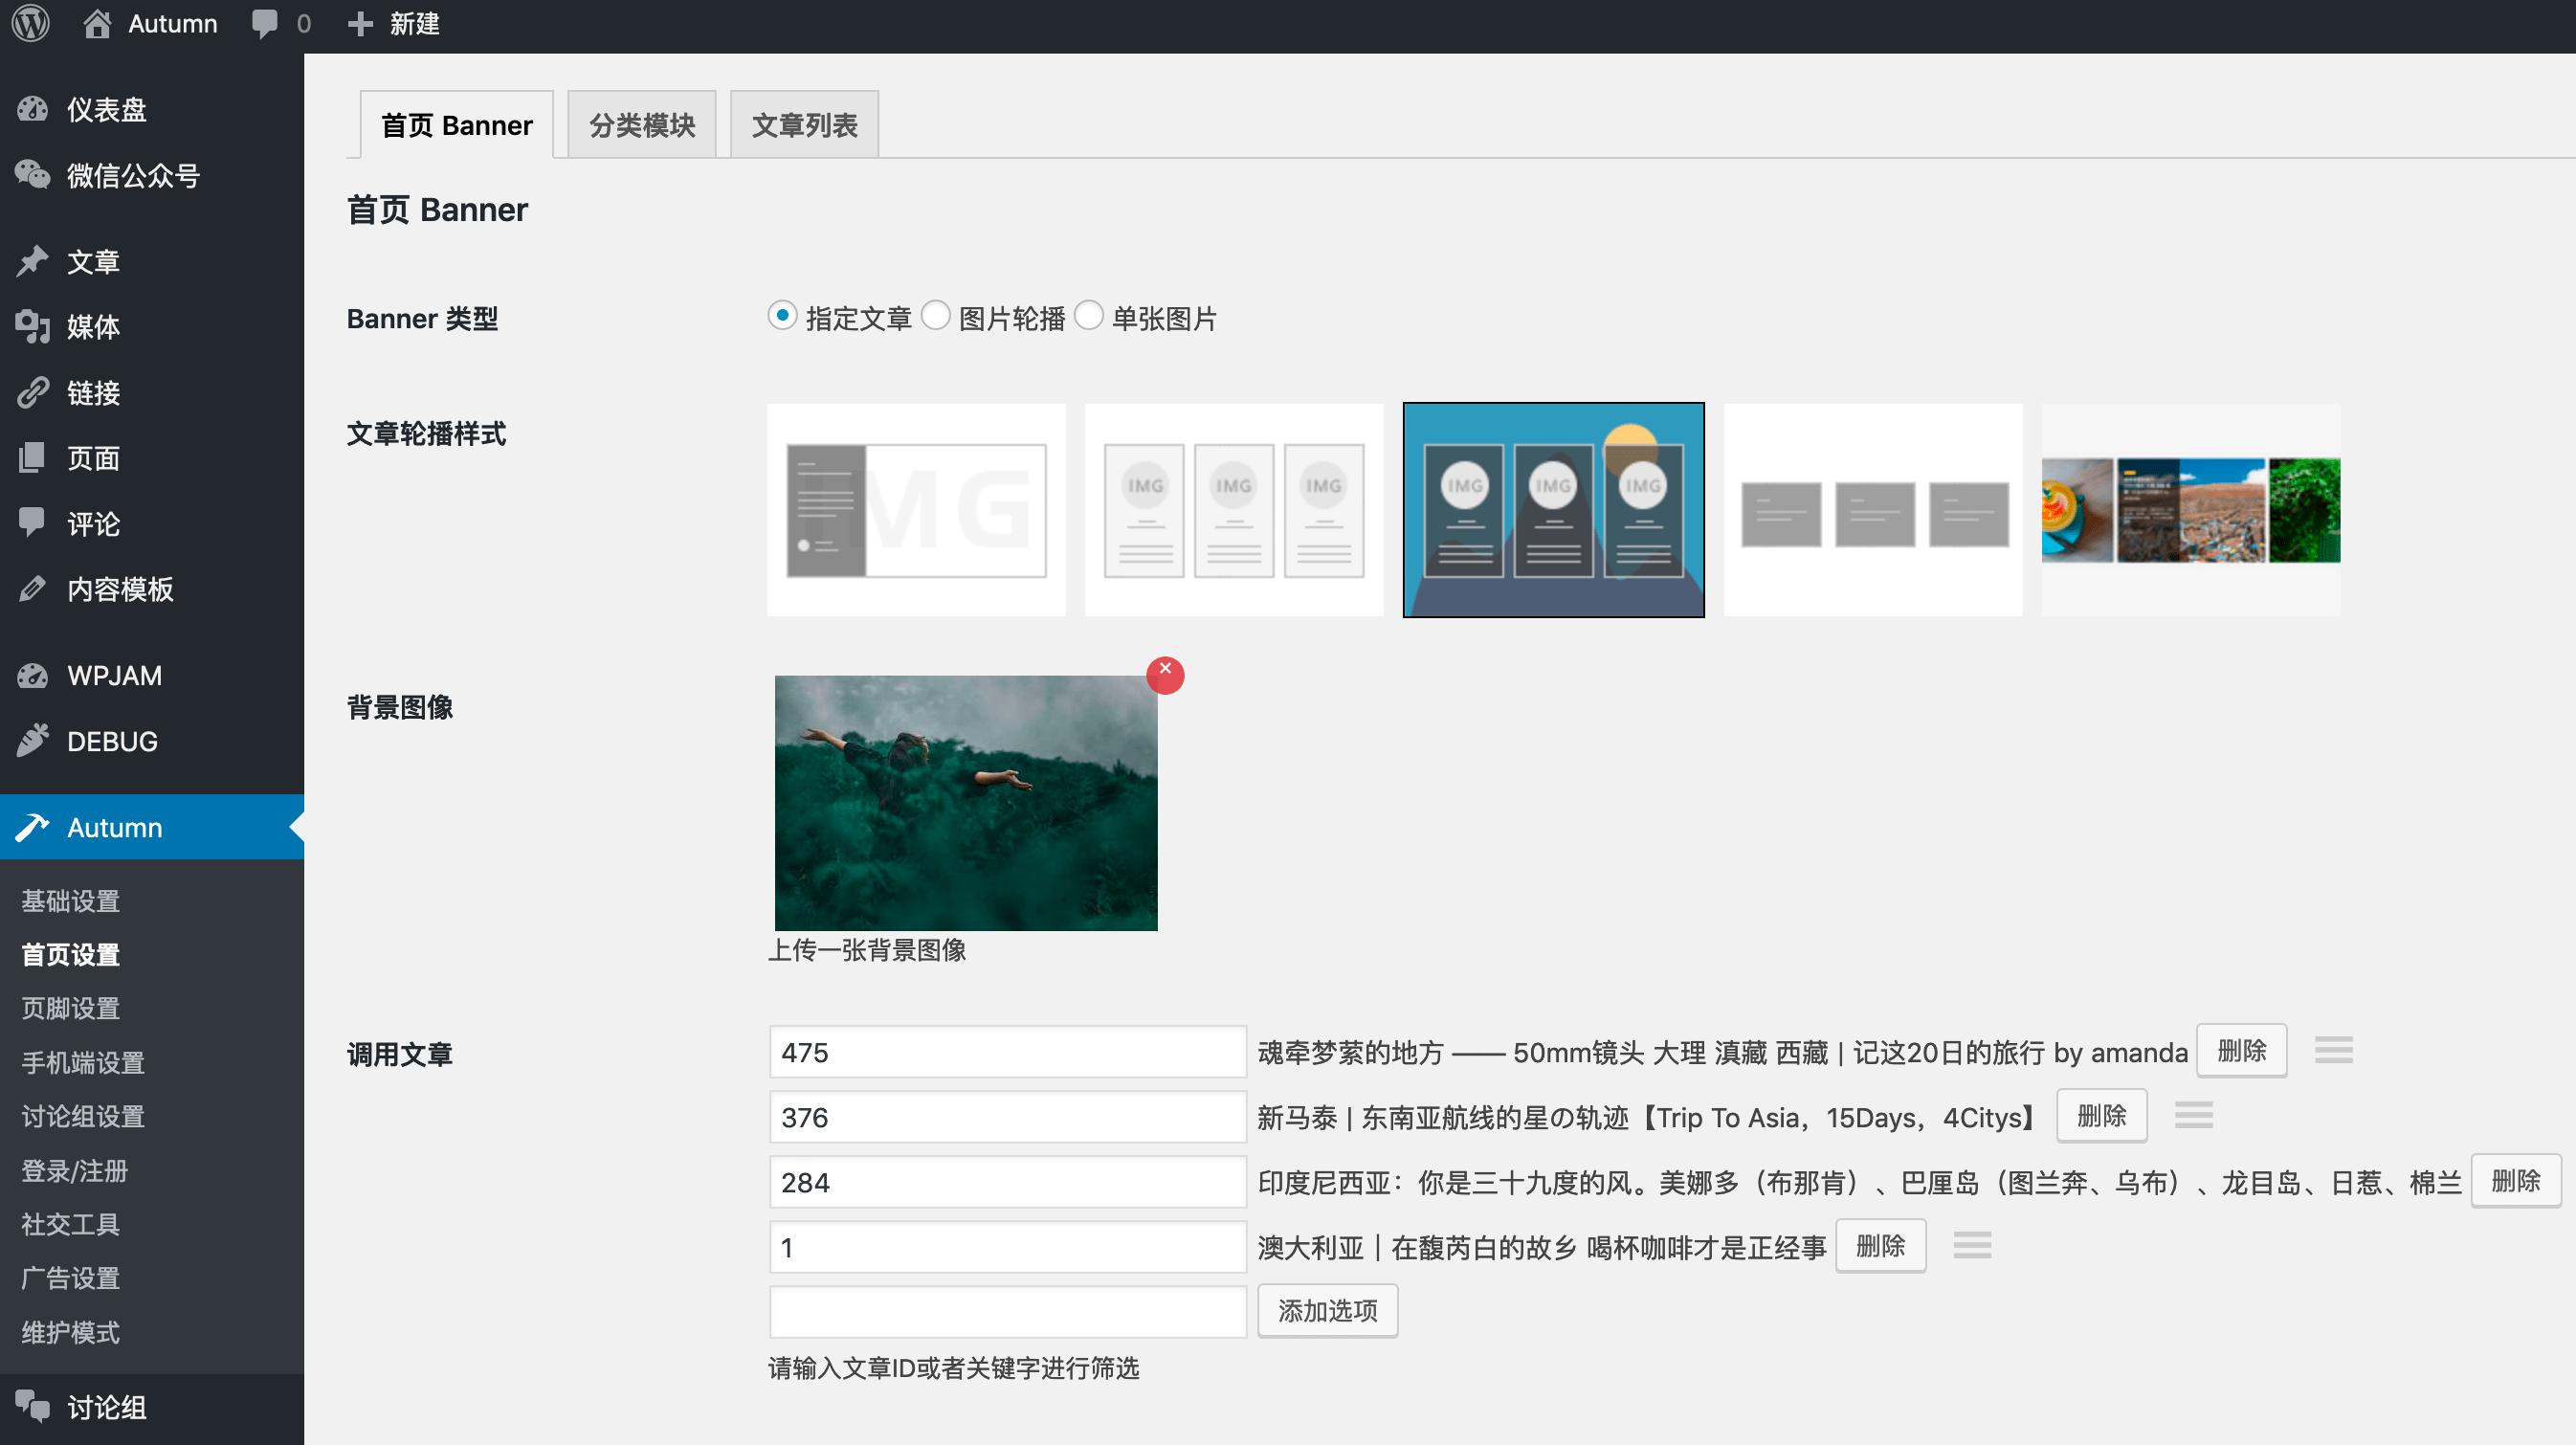 【WordPress】Autumn-Pro 2.4去授权破解版下载插图(22)